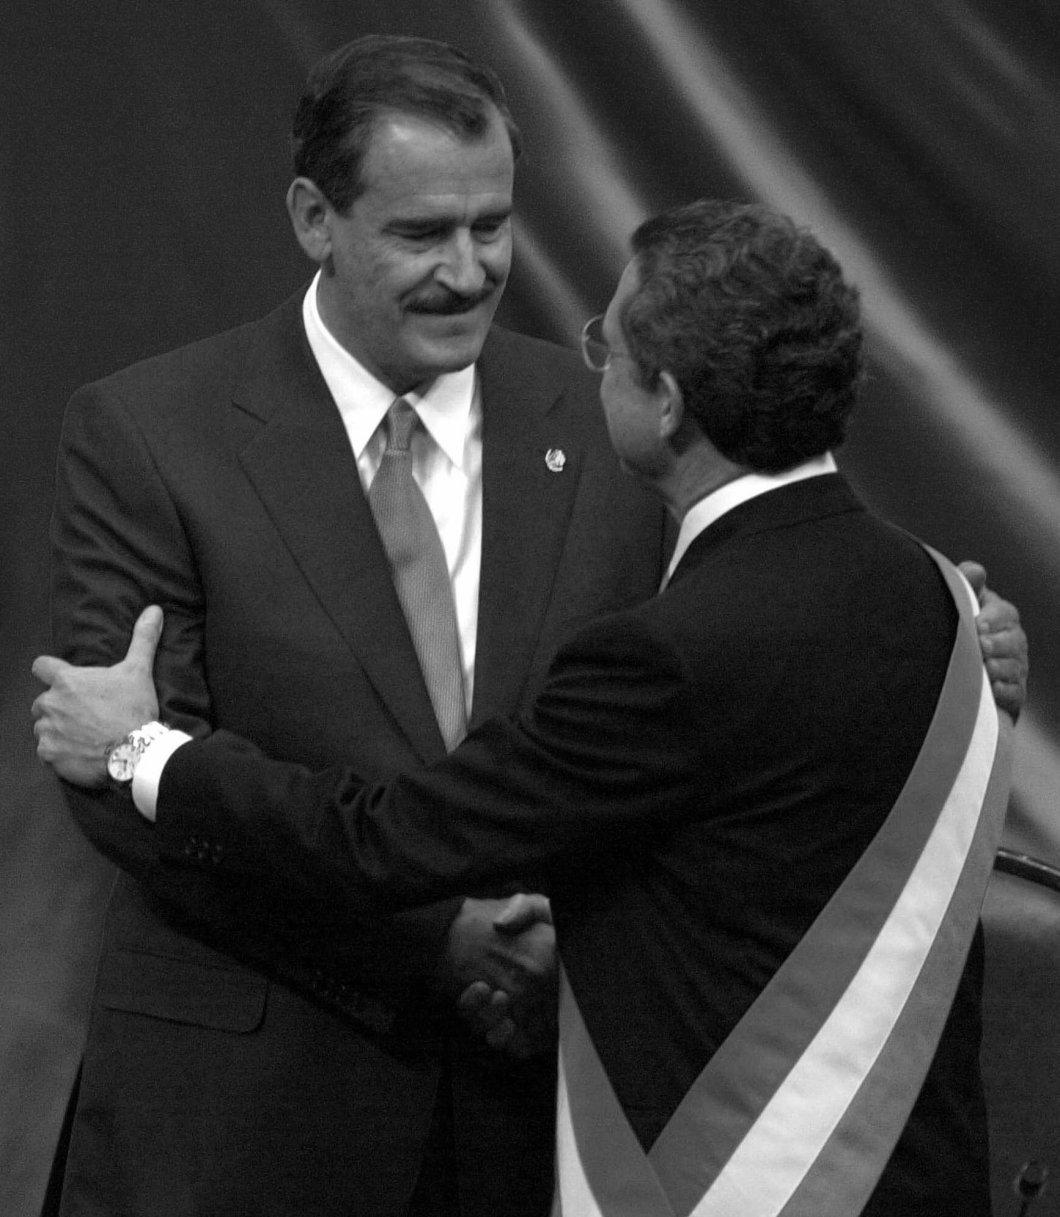 """En el fervor de la blanquiazul coronación, Vicente Fox Quesada, anunció que se daría """"…un giro de 365 grados"""". A trece años de la alternancia política, hemos dado ese giro de 365 grados. Hemos vuelto por el mismo camino que quedó interrumpido con la entrada del panismo a Los Pinos."""